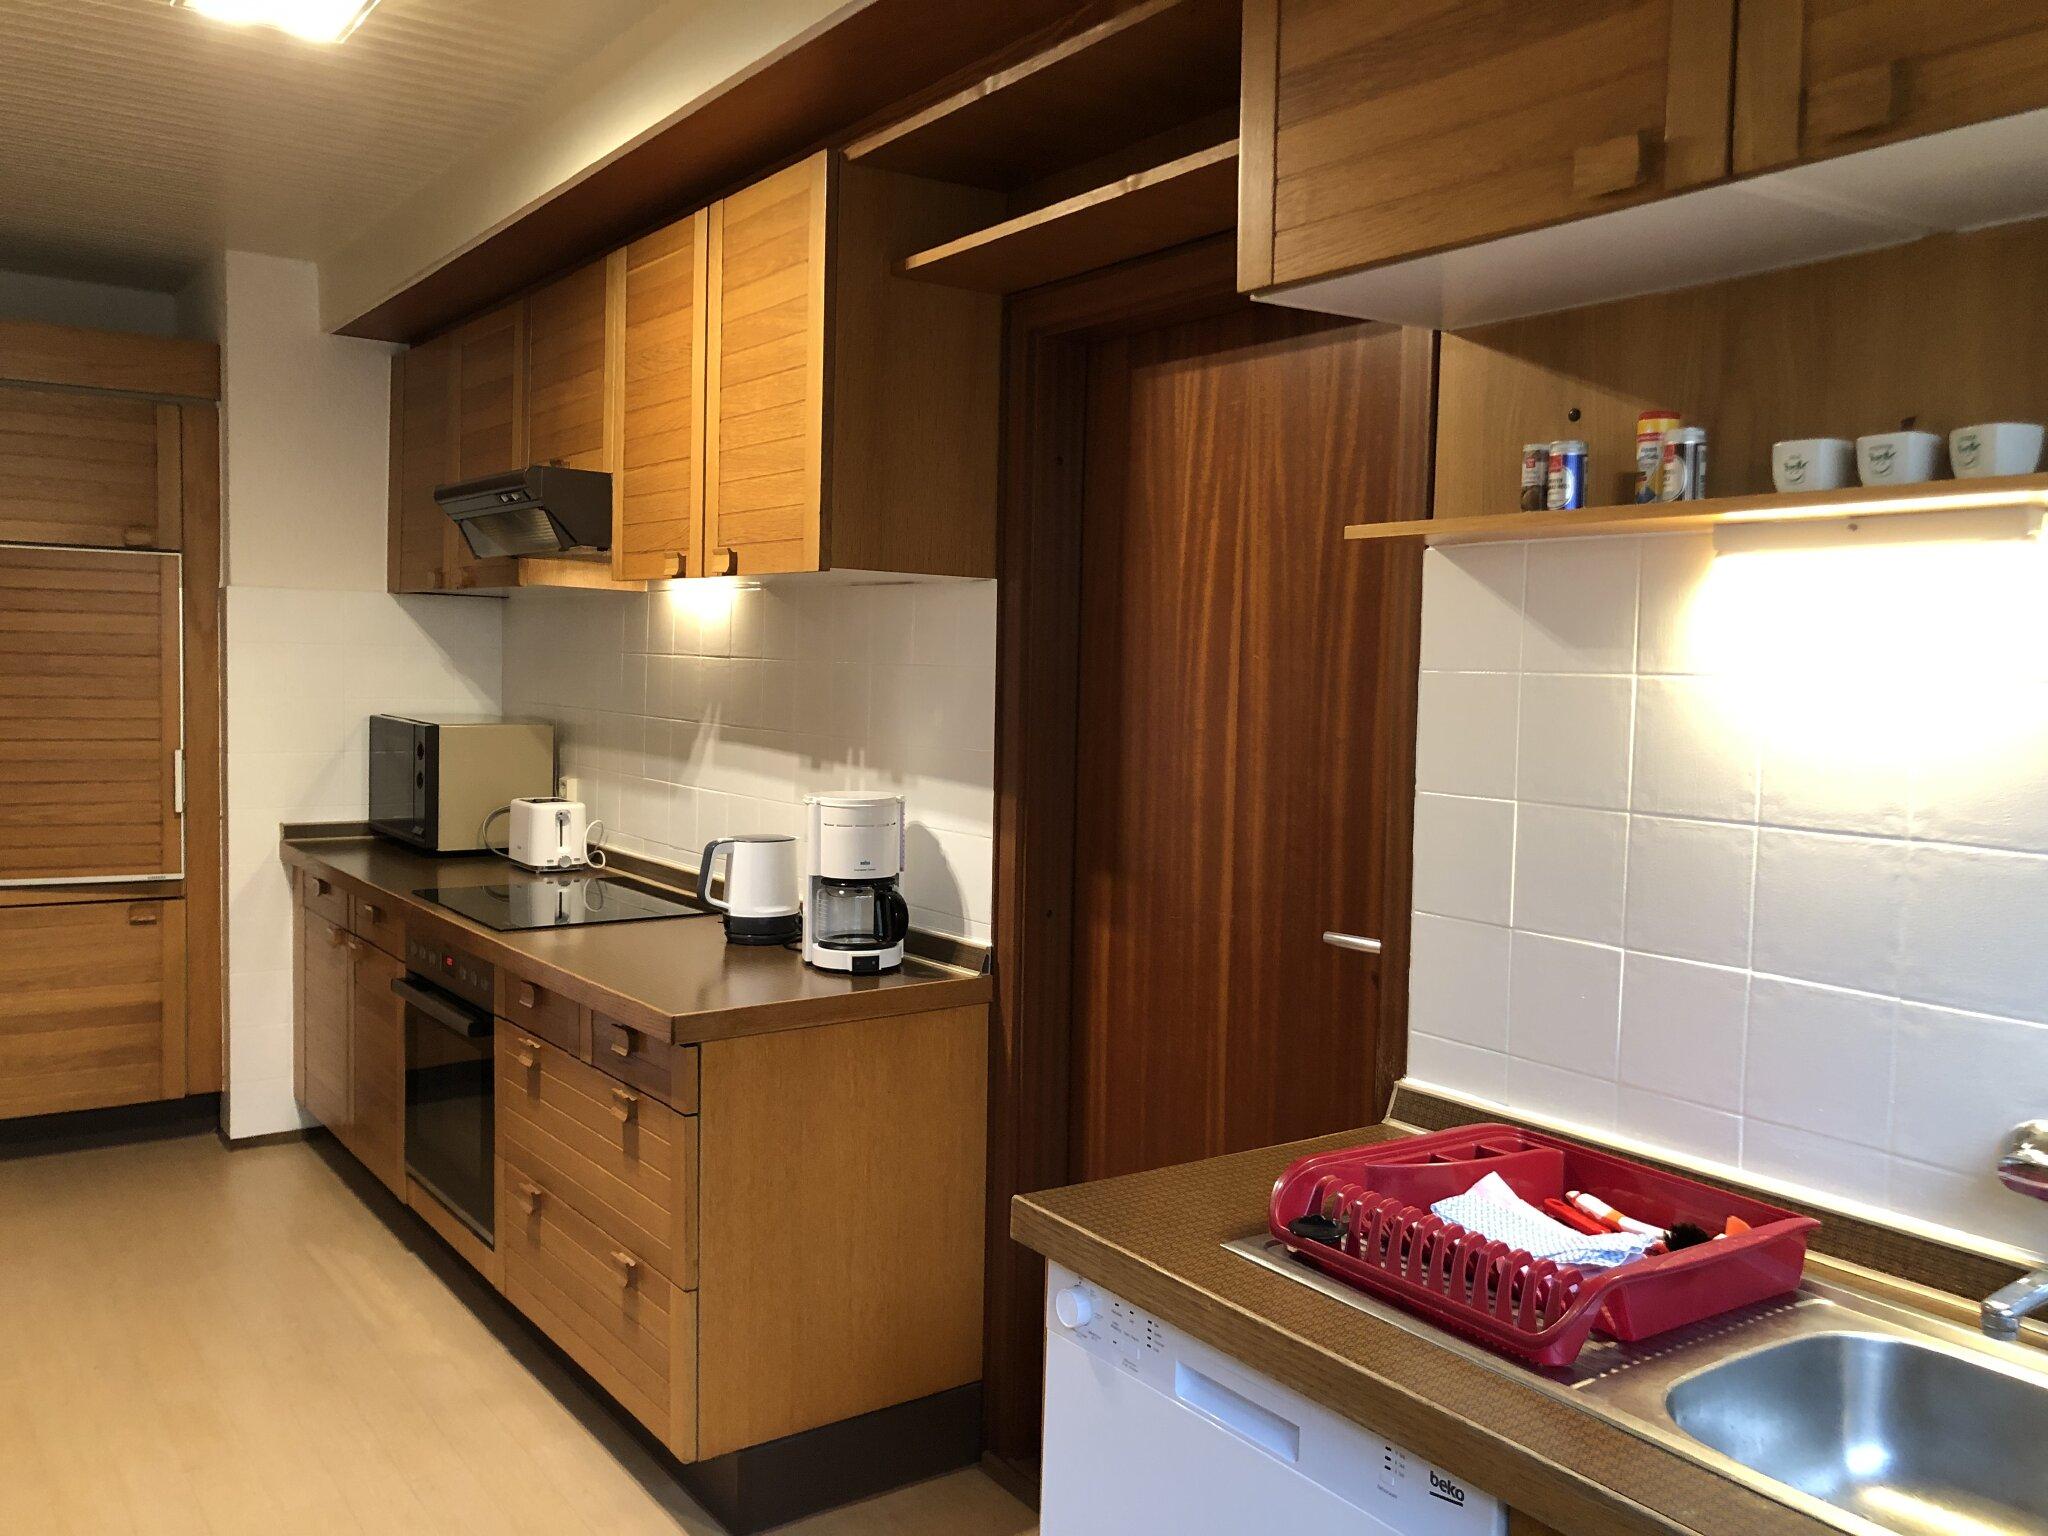 Küche/Essbereich FeWo (Beispiel)